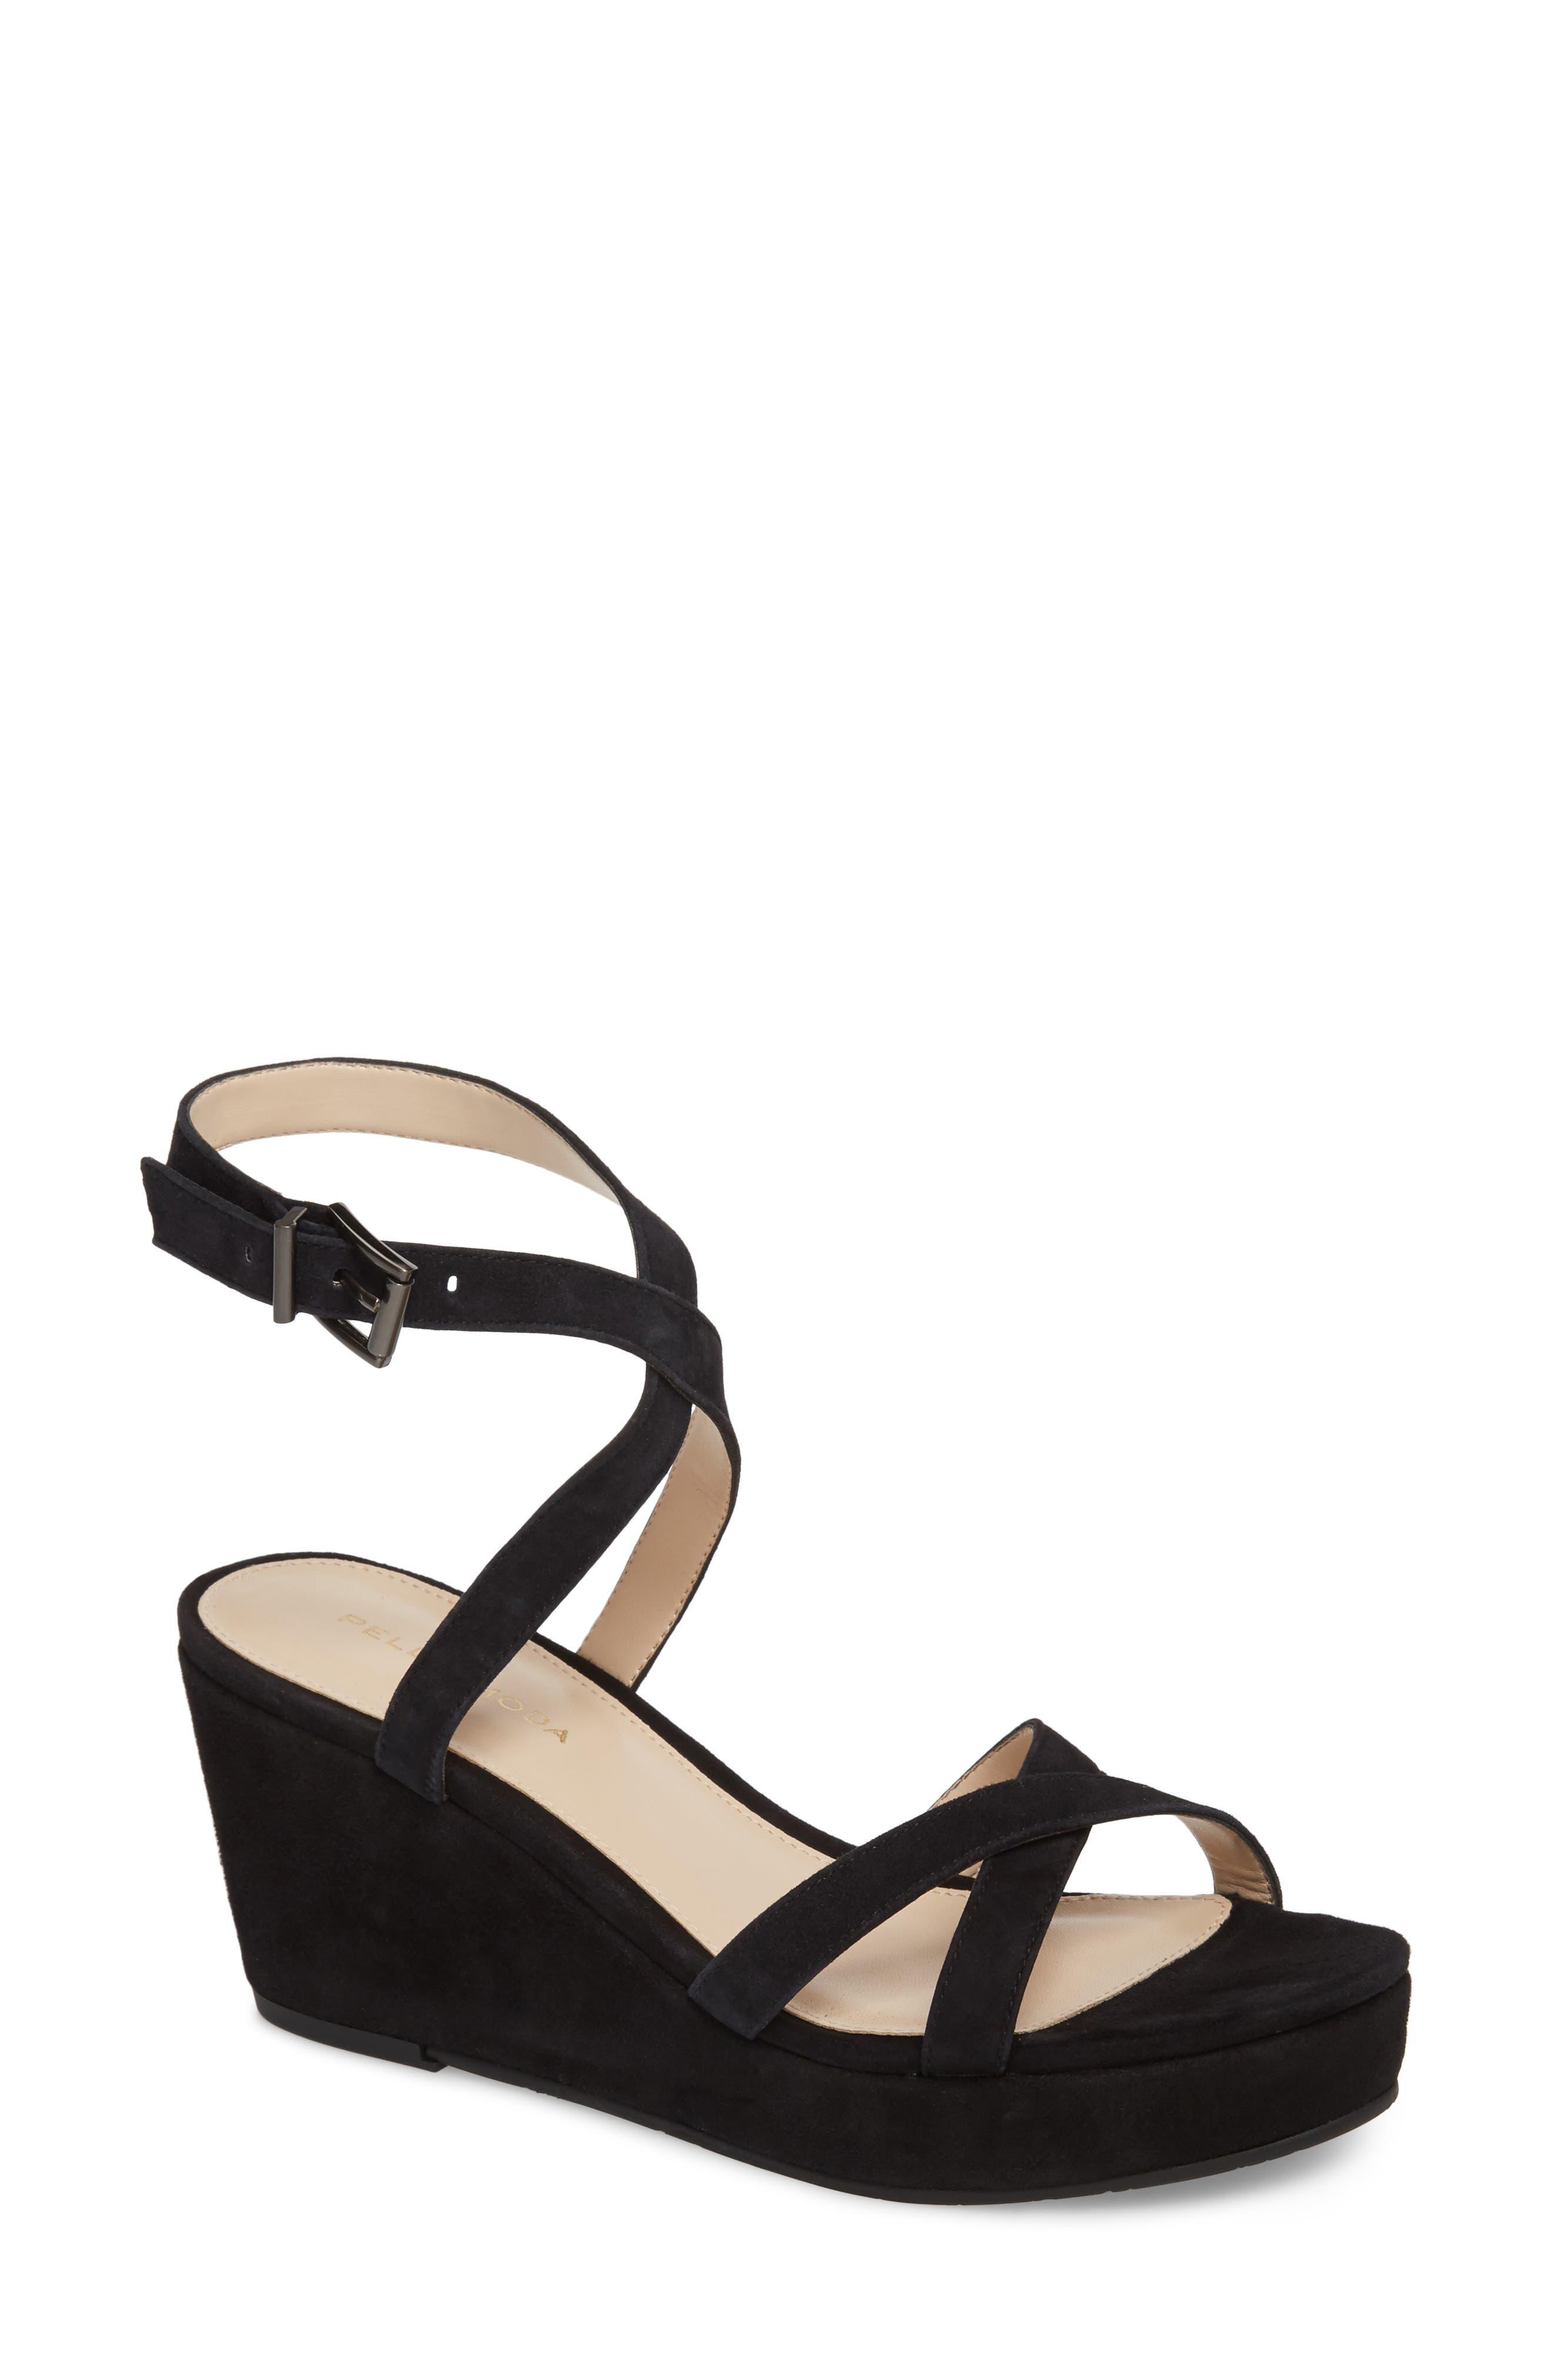 Keo2 Platform Wedge Sandal,                         Main,                         color, Black Suede